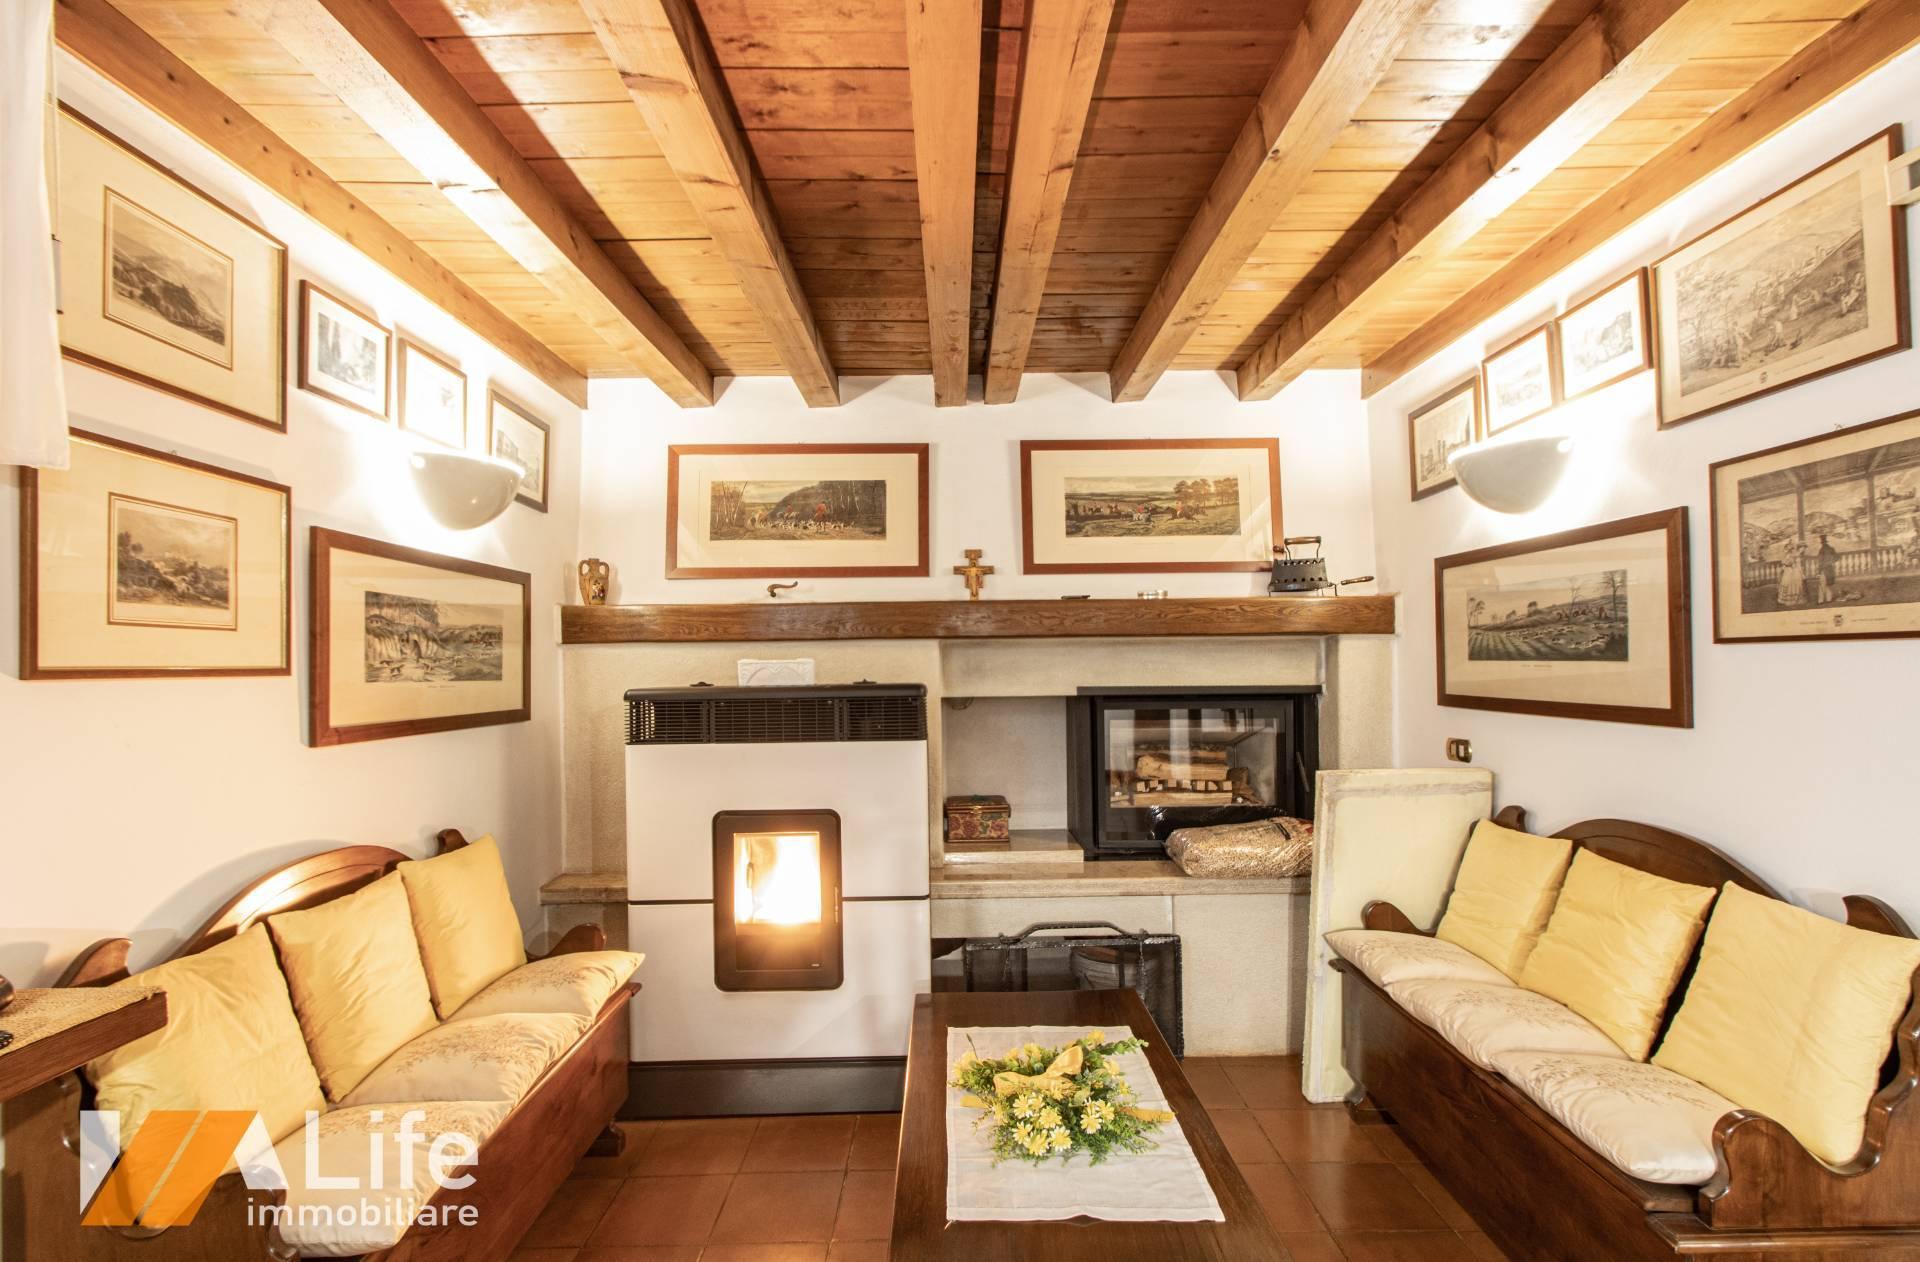 Villa Bifamiliare in vendita a Camisano Vicentino, 6 locali, zona Località: S.aMaria, prezzo € 275.000 | PortaleAgenzieImmobiliari.it